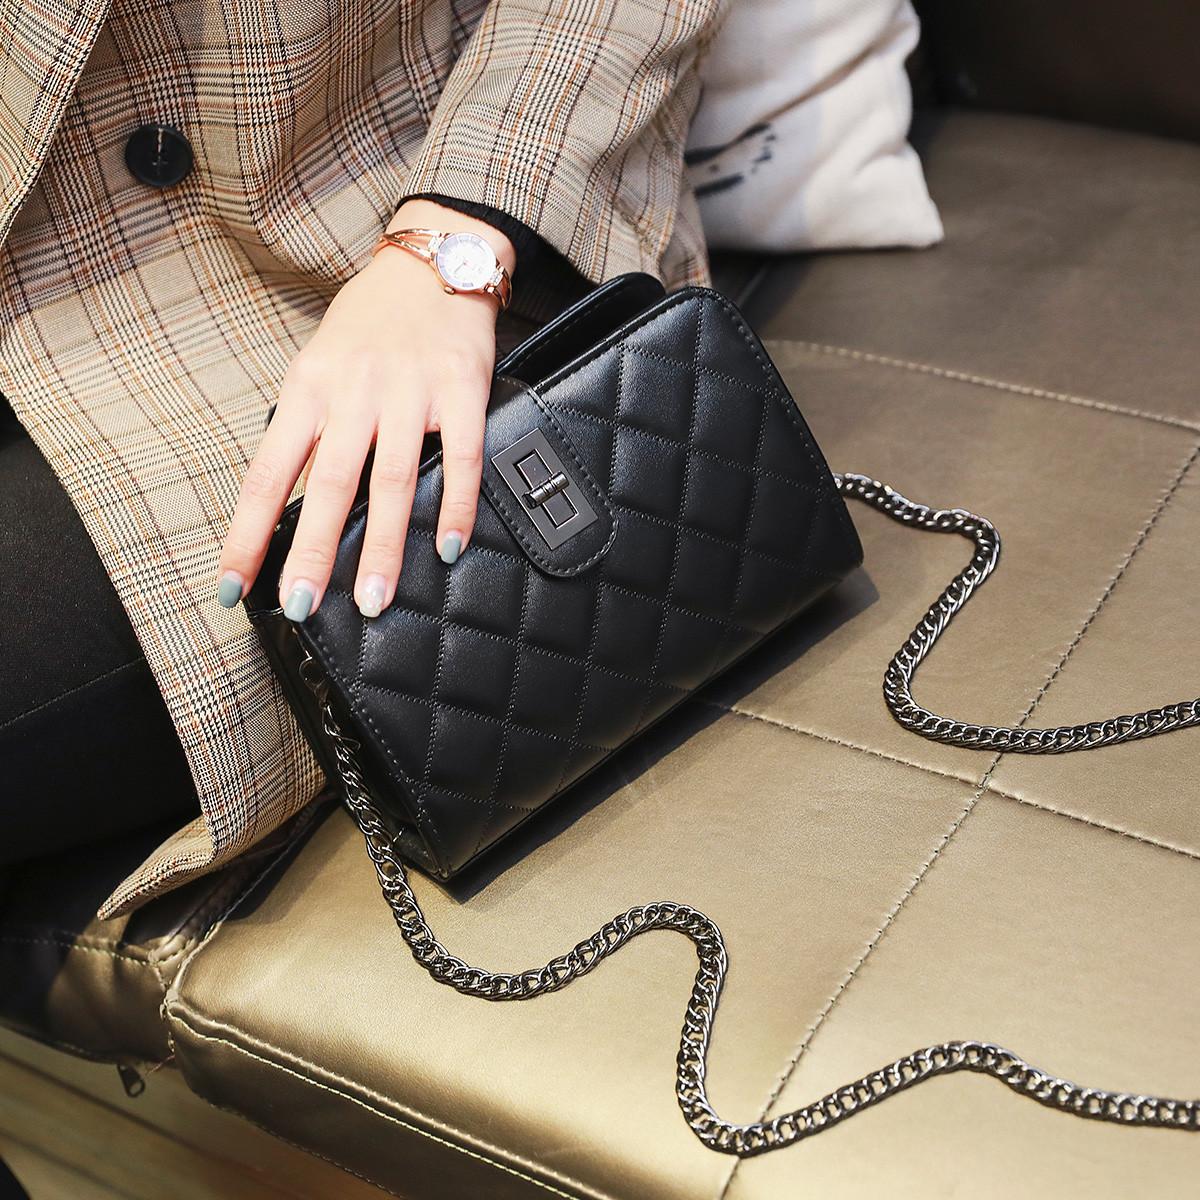 蒙娜丽莎 新款小包包斜挎包经典菱格包链条单肩包包斜挎女包